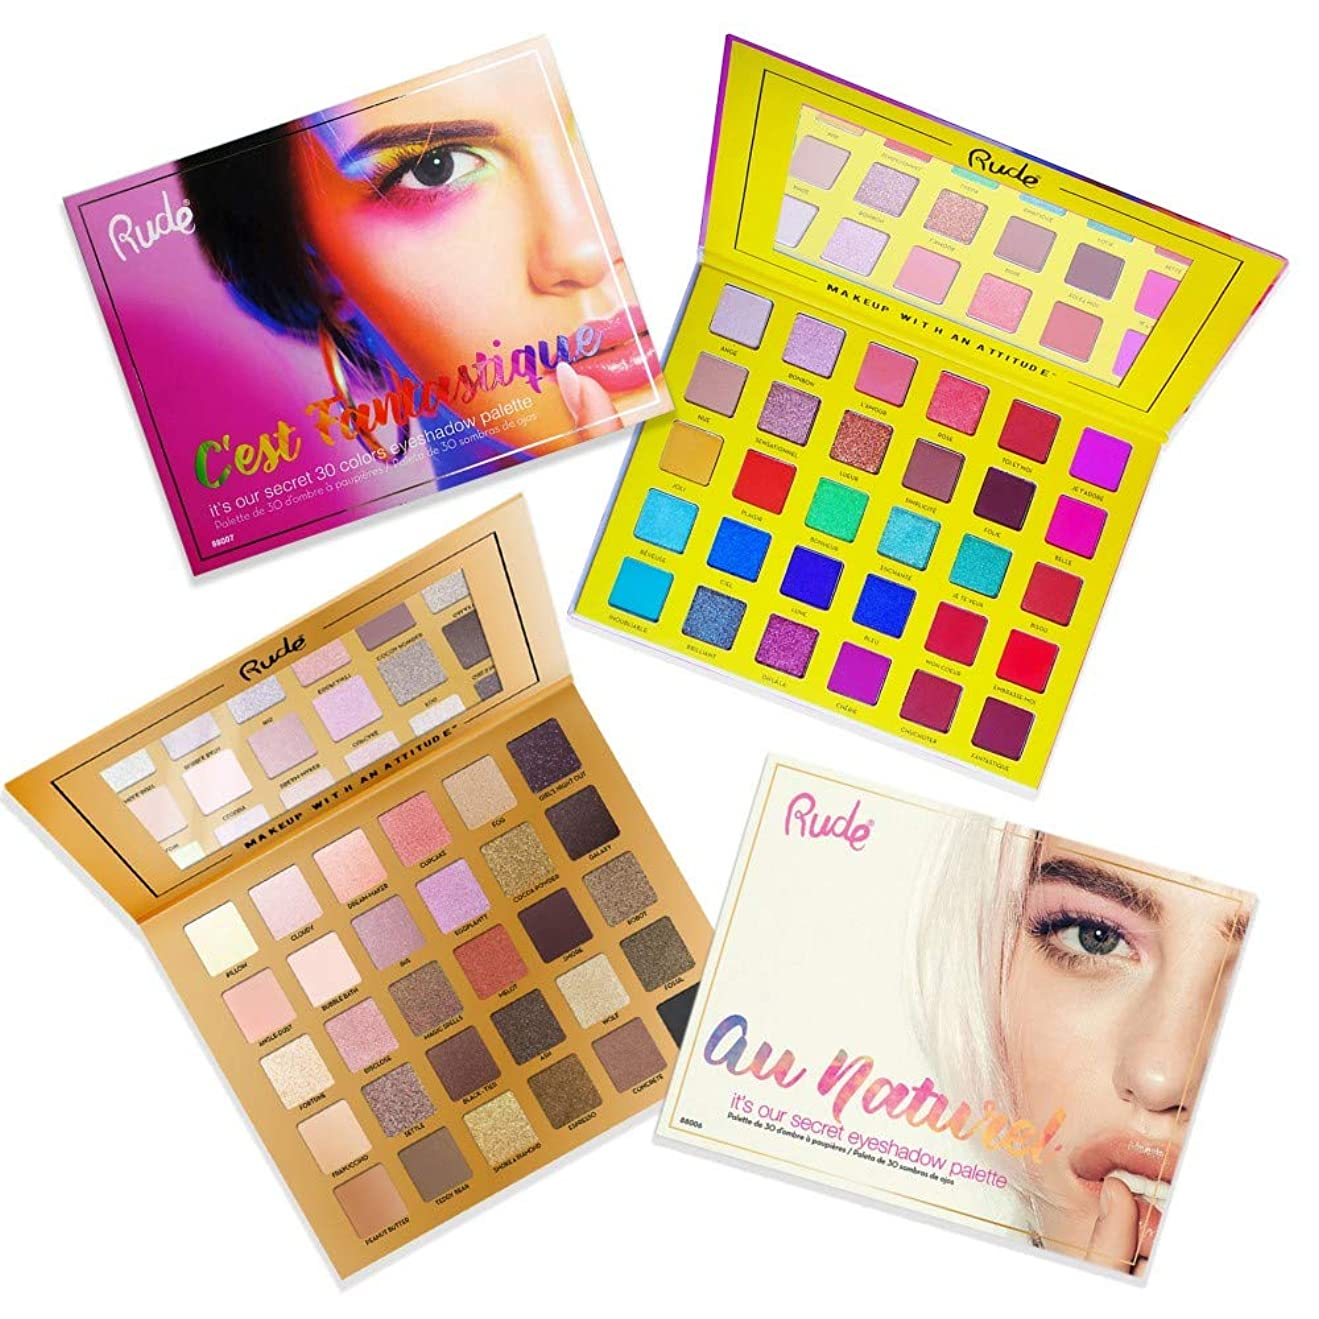 ハム代表する薄い(3 Pack) RUDE C'est Fantastique + Au Naturel Eyeshadow Palettes Bundle (並行輸入品)